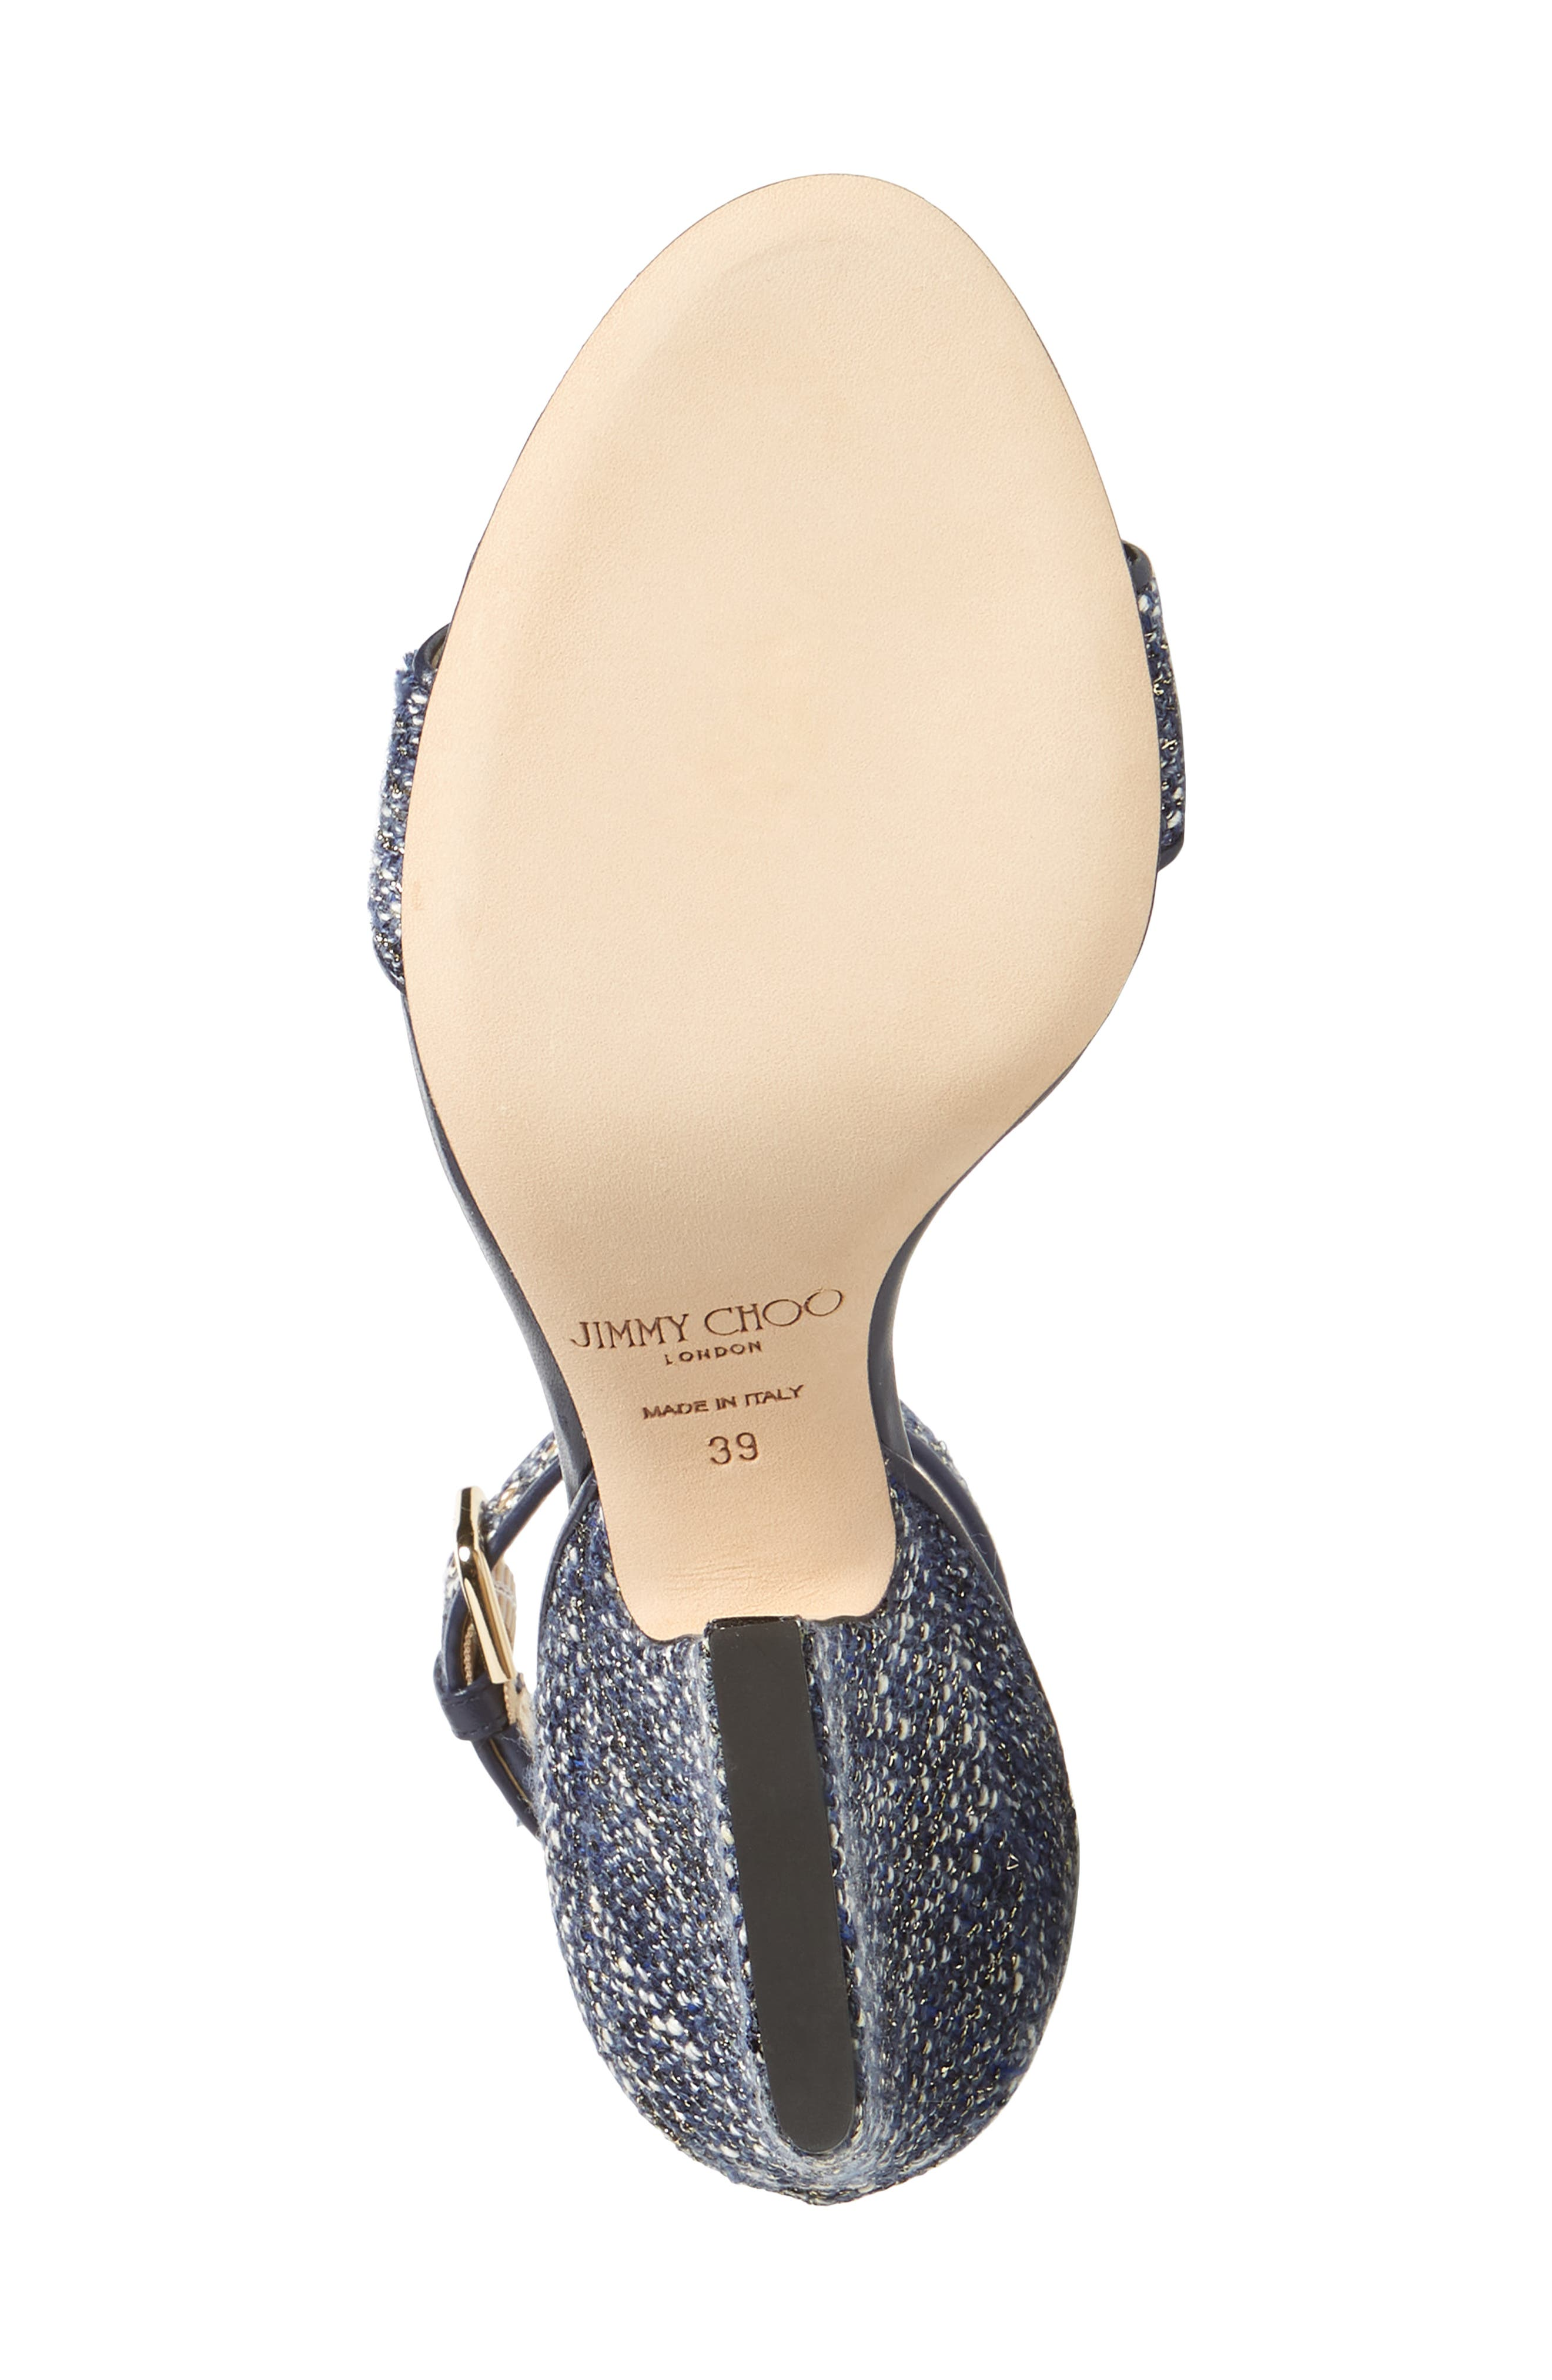 Edina Ankle Strap Sandal,                             Alternate thumbnail 6, color,                             NAVY GLITTER